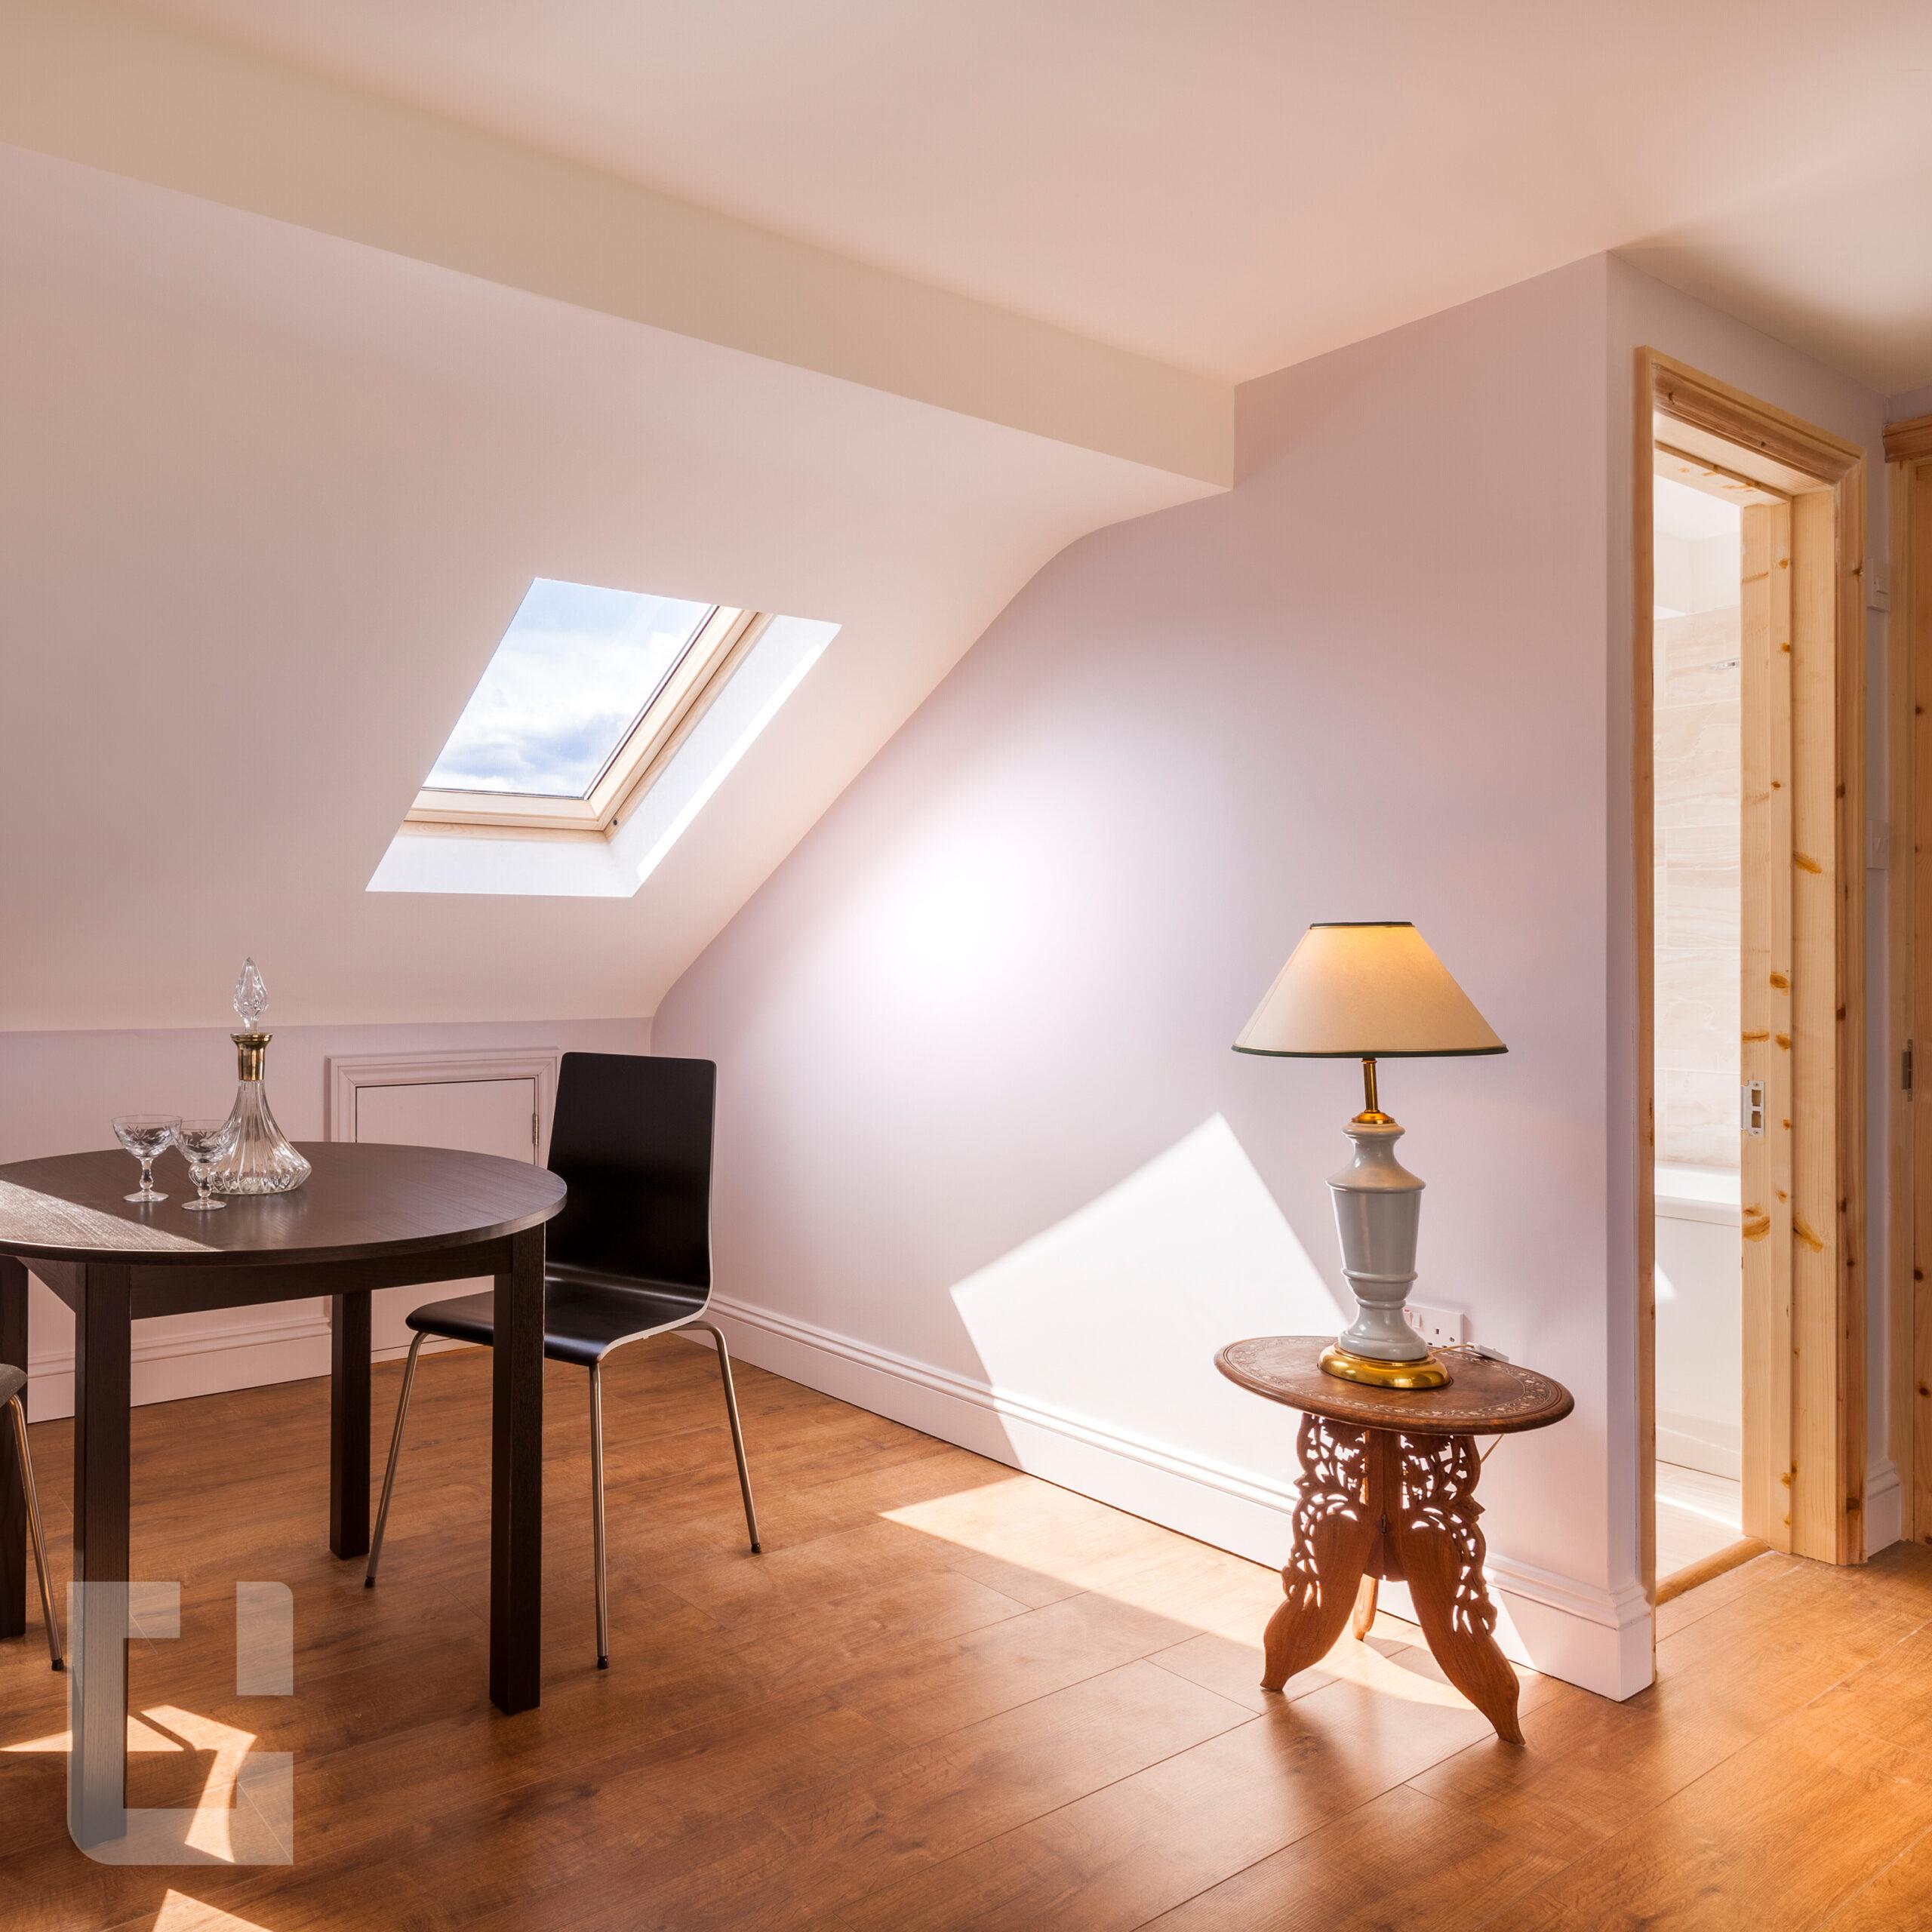 Dormer Loft Conversion Interior